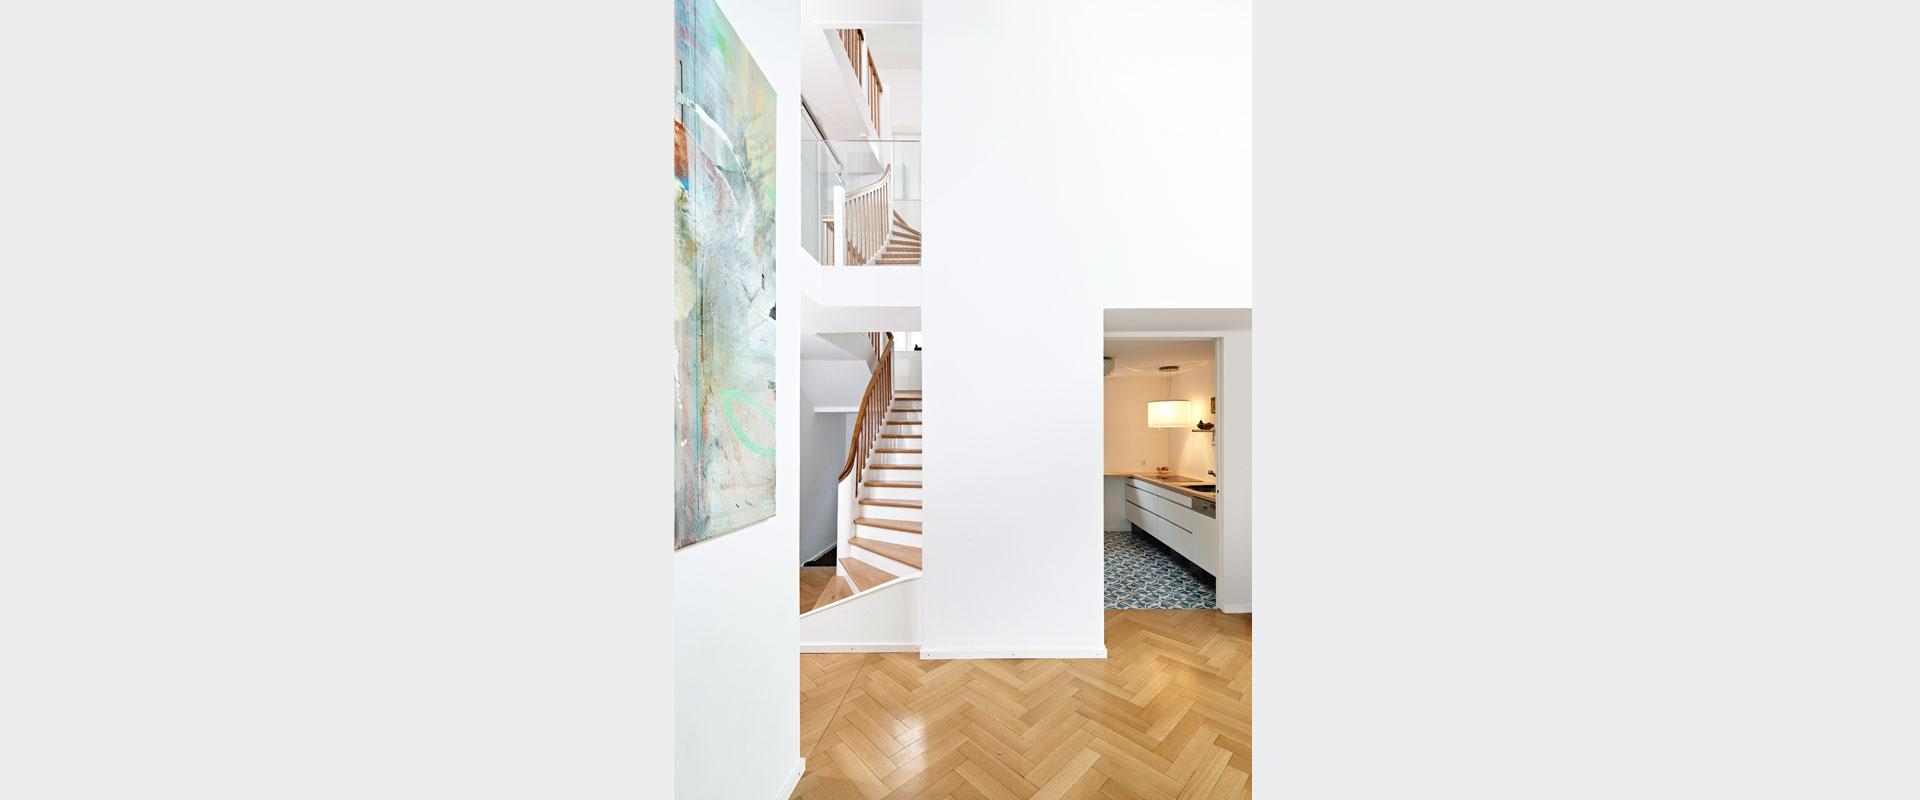 Architekturbuero_Henning_Musahl_Wohnhaus_J_06